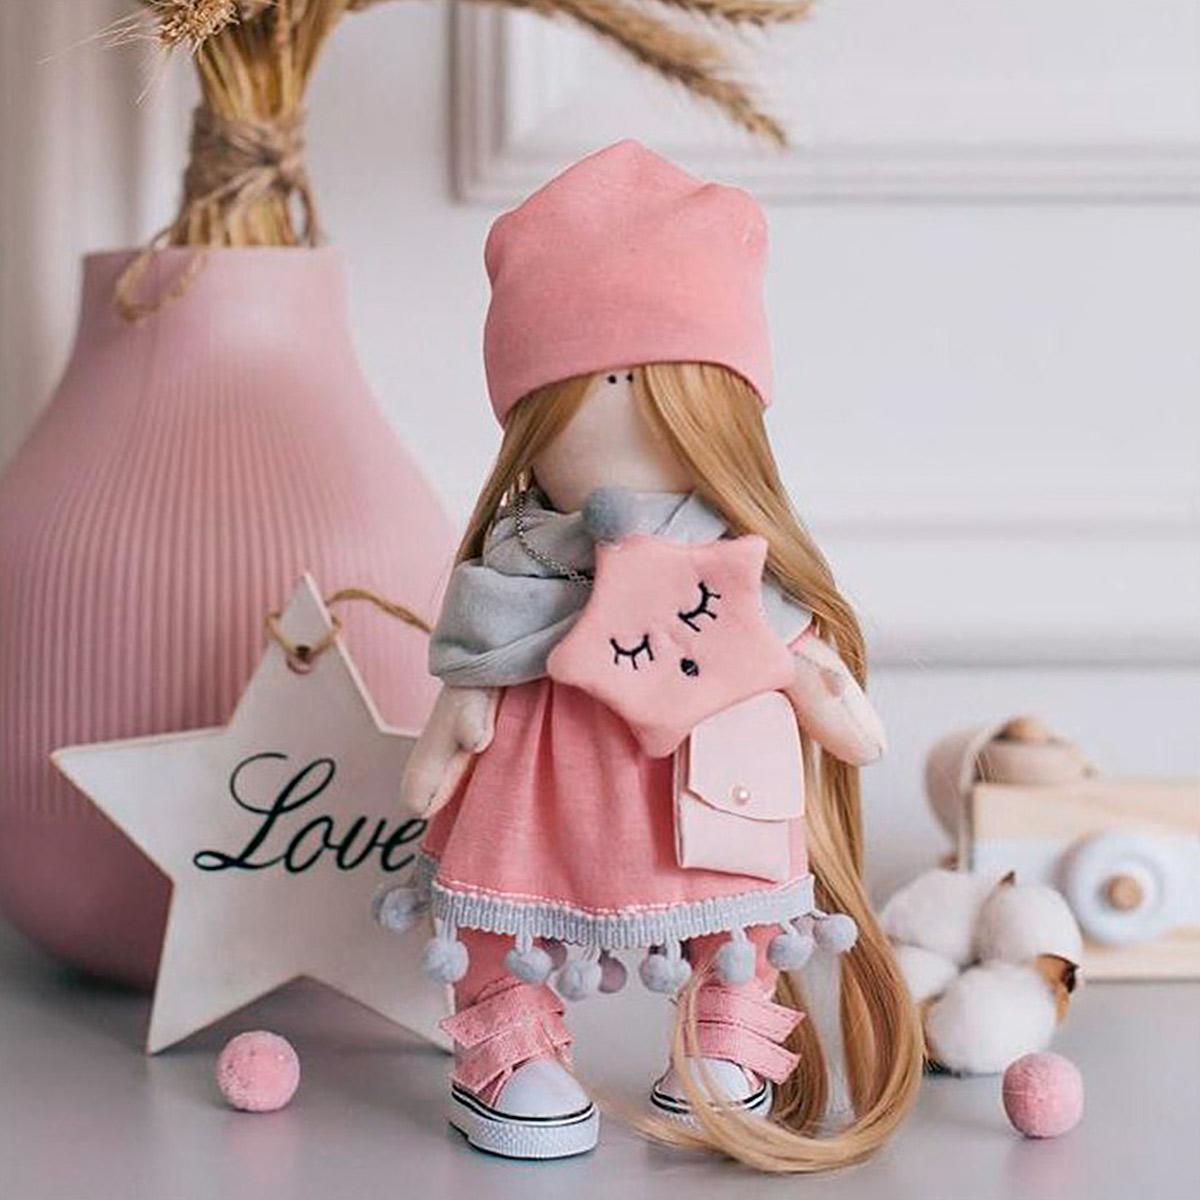 4816581 Мягкая кукла Хелен, набор для шитья 15,6*22.4*5.2 см